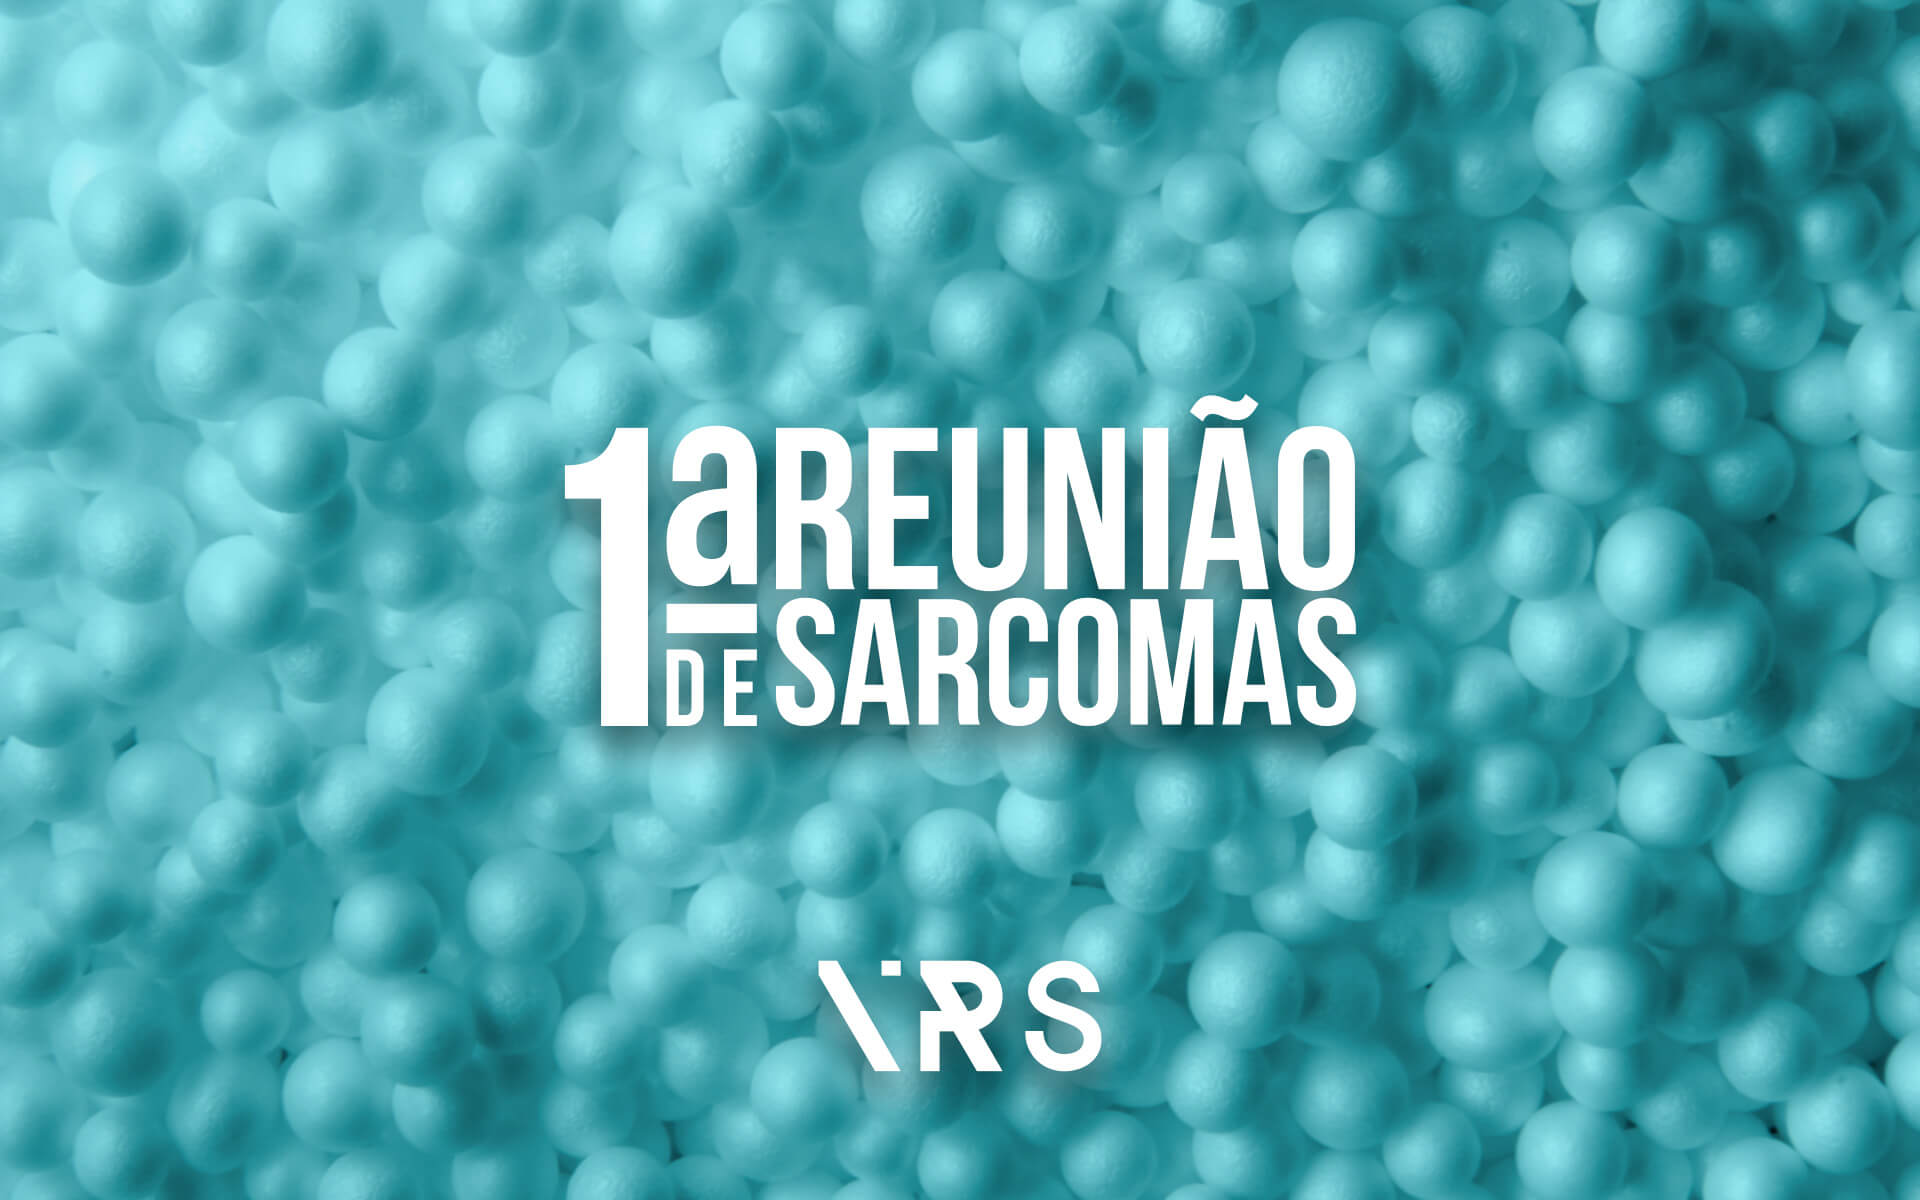 1ª Reunião de Sarcomas